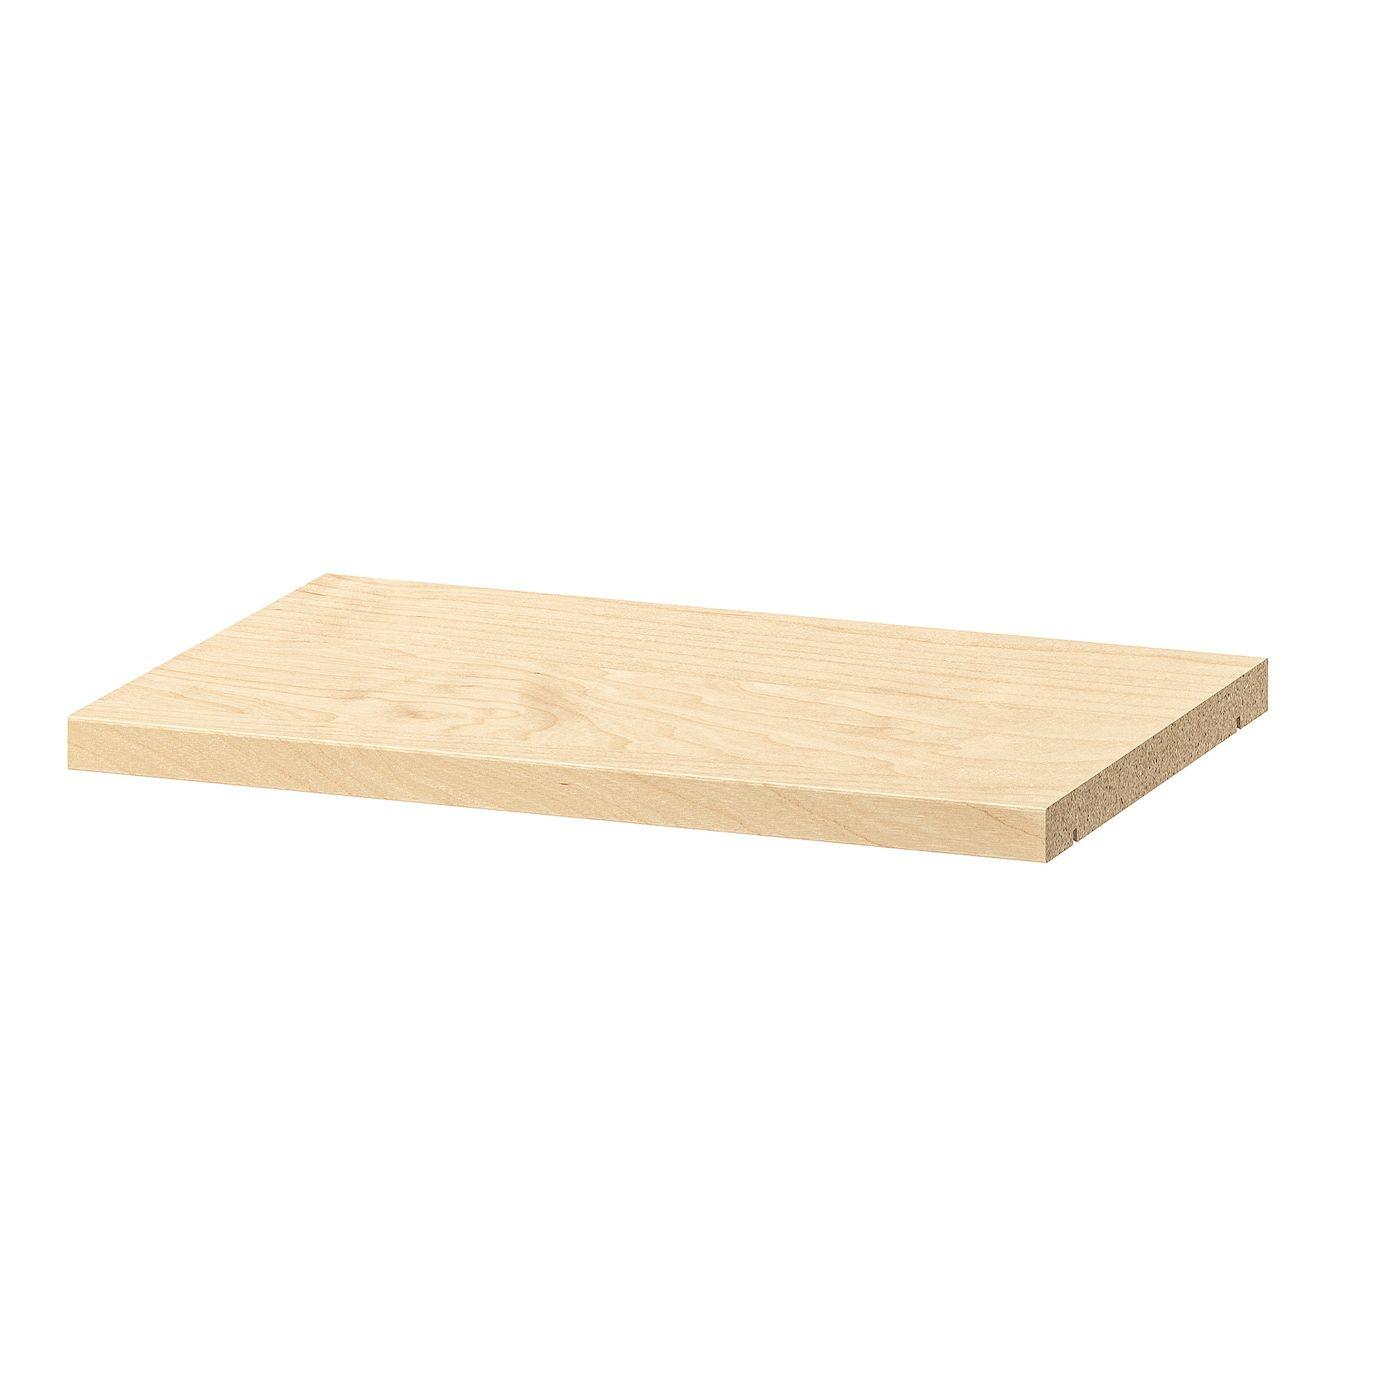 Billy Extra Plank Berkenfineer 36x26 Cm Ikea Boekenliefhebbers Plank Stijl